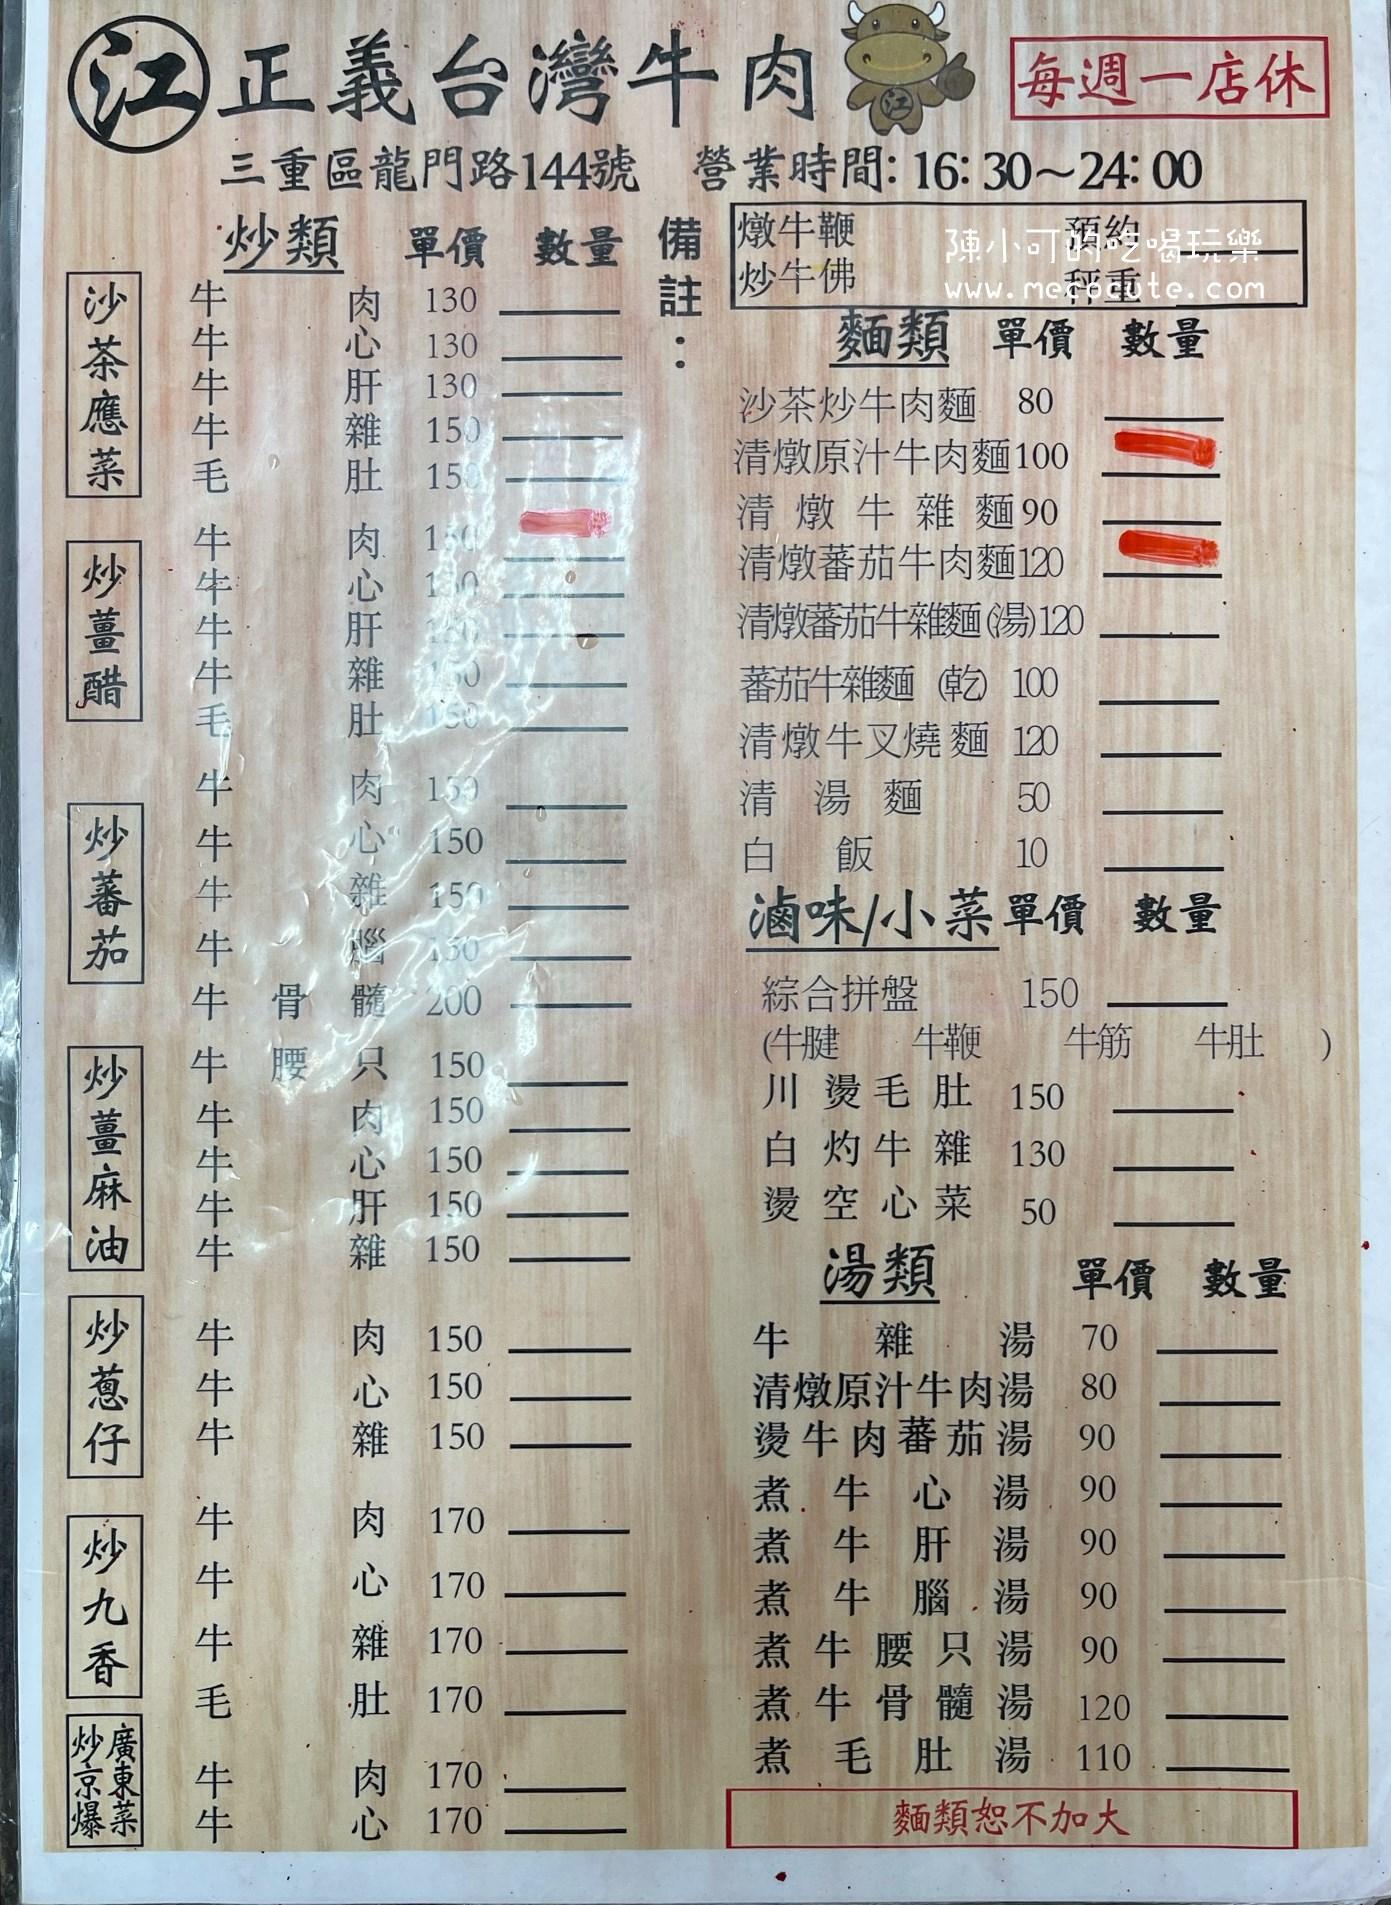 正義台灣牛肉,三重宵夜,三重牛肉麵